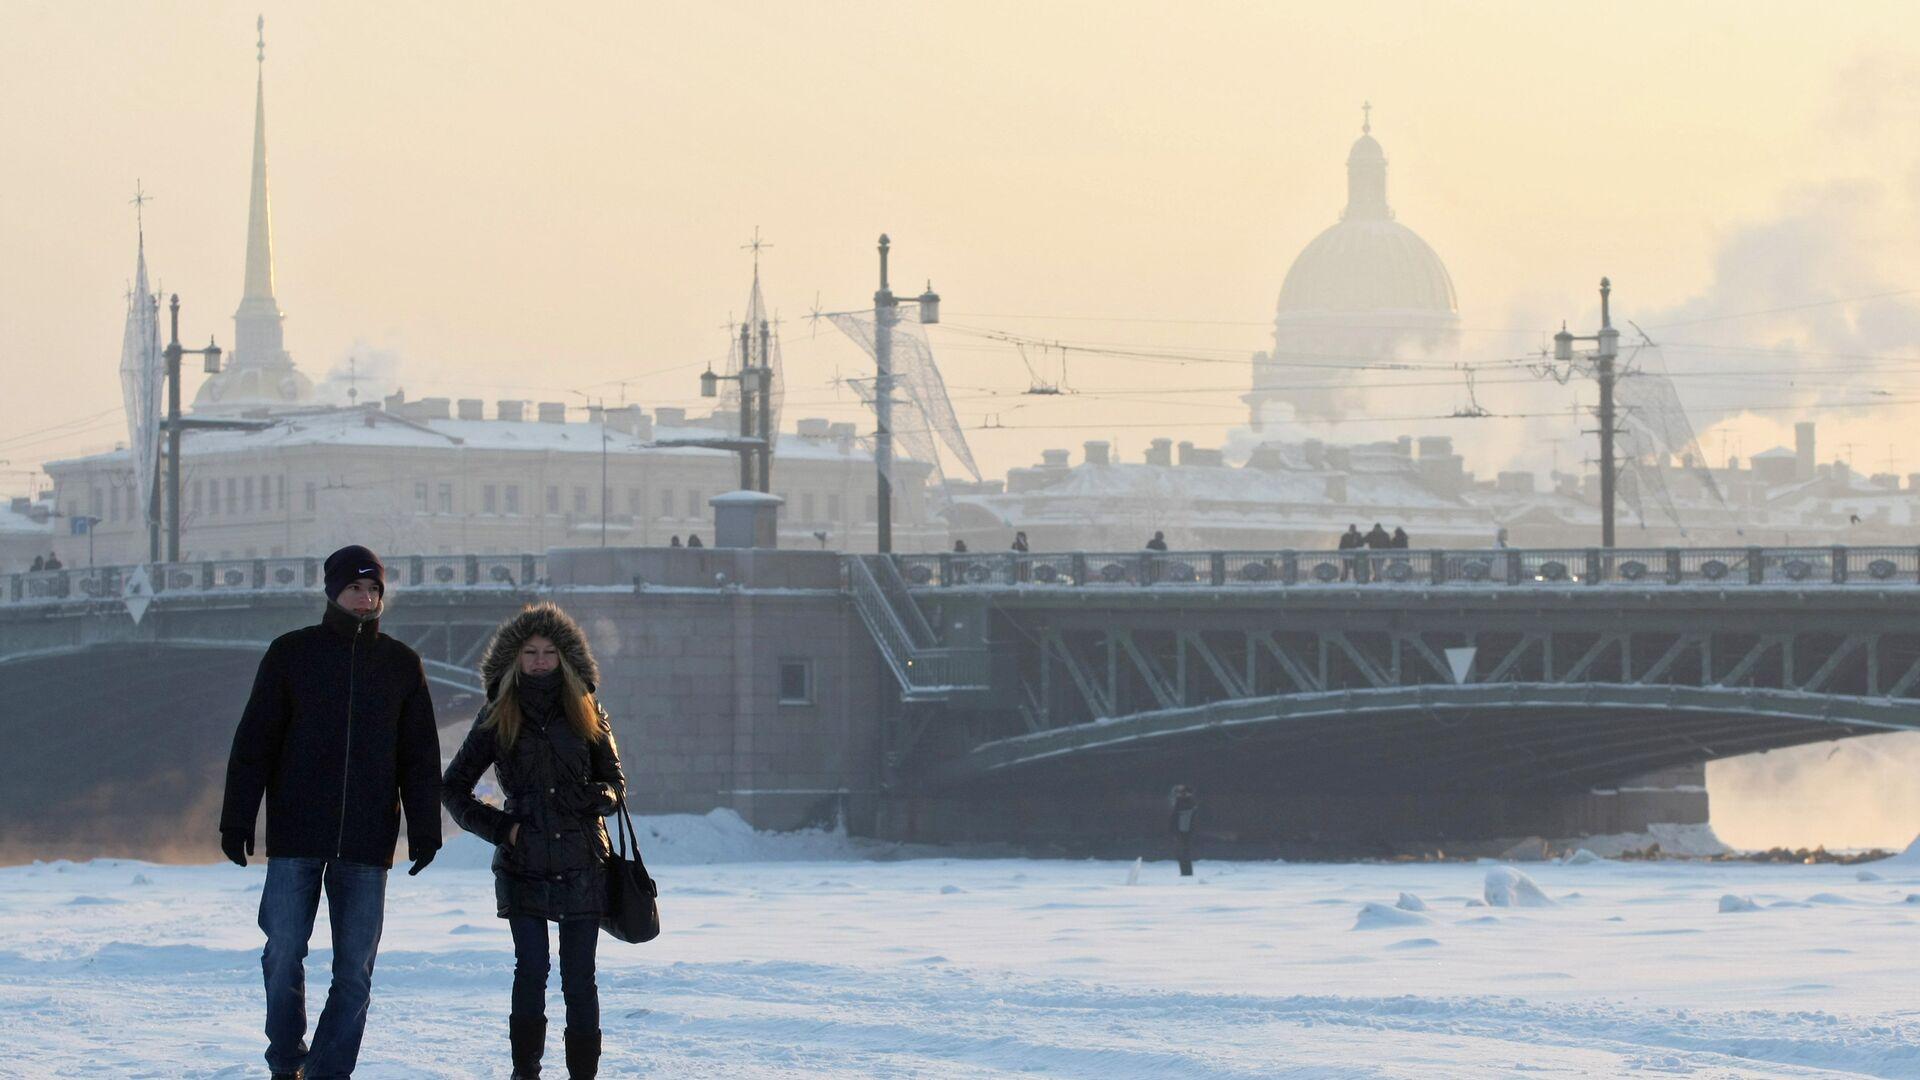 Сильные морозы в Санкт-Петербурге - РИА Новости, 1920, 19.02.2021